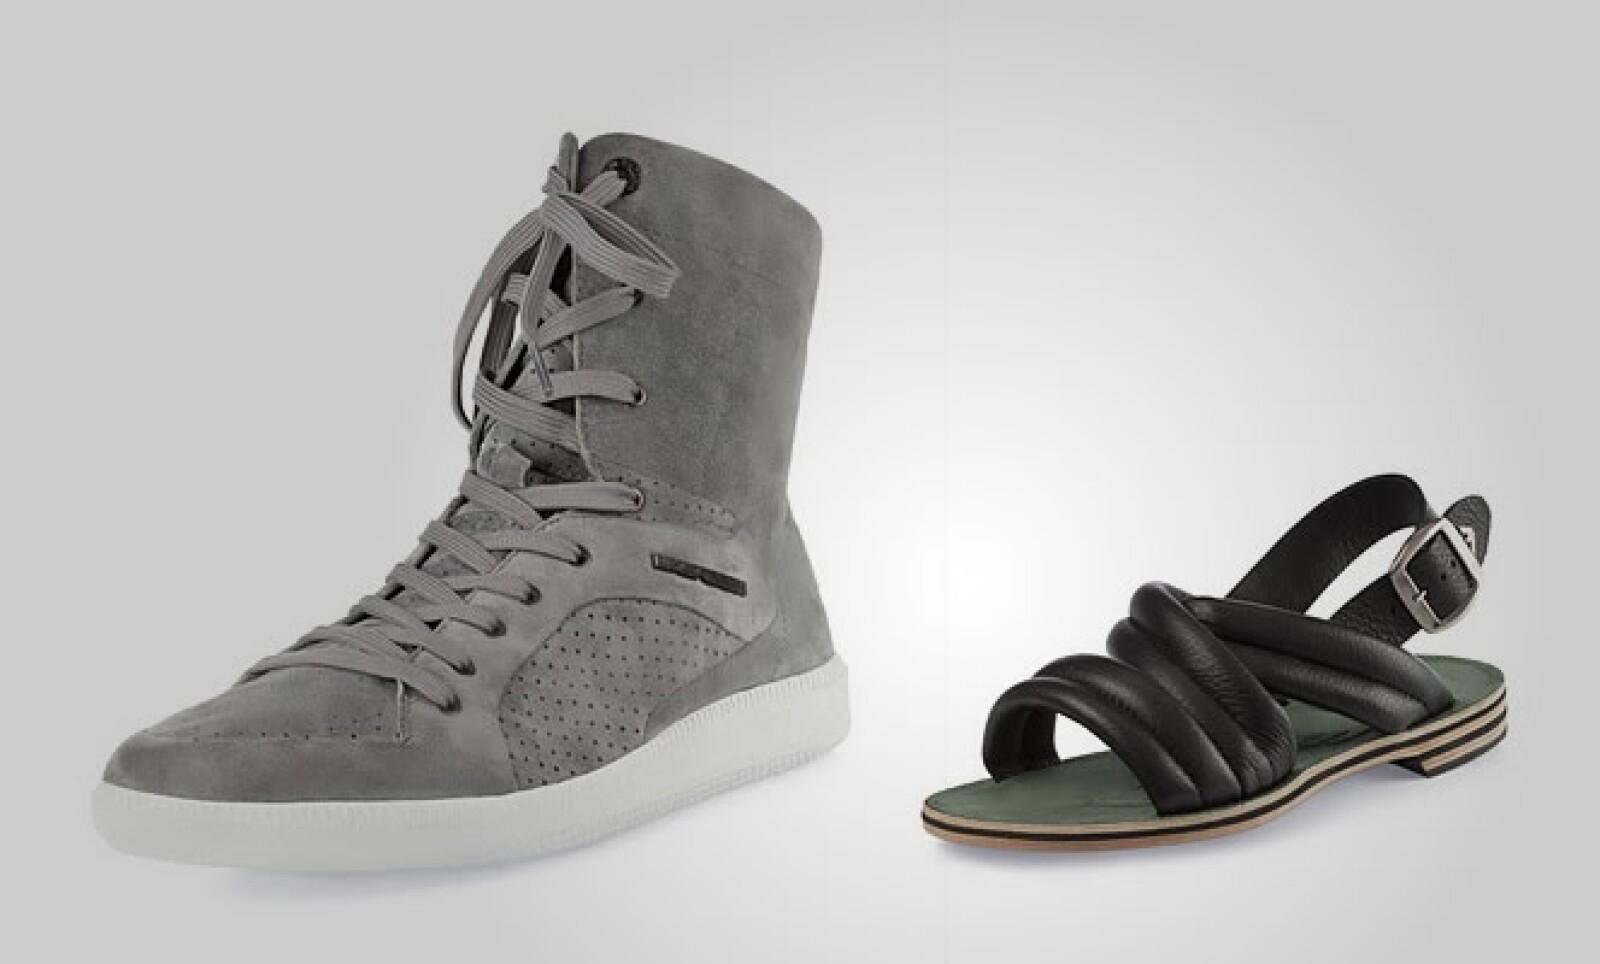 La segunda apuesta es un estilo más casual como estos botines deportivos fabricados en pana y unas sandalias en piel de color negro.